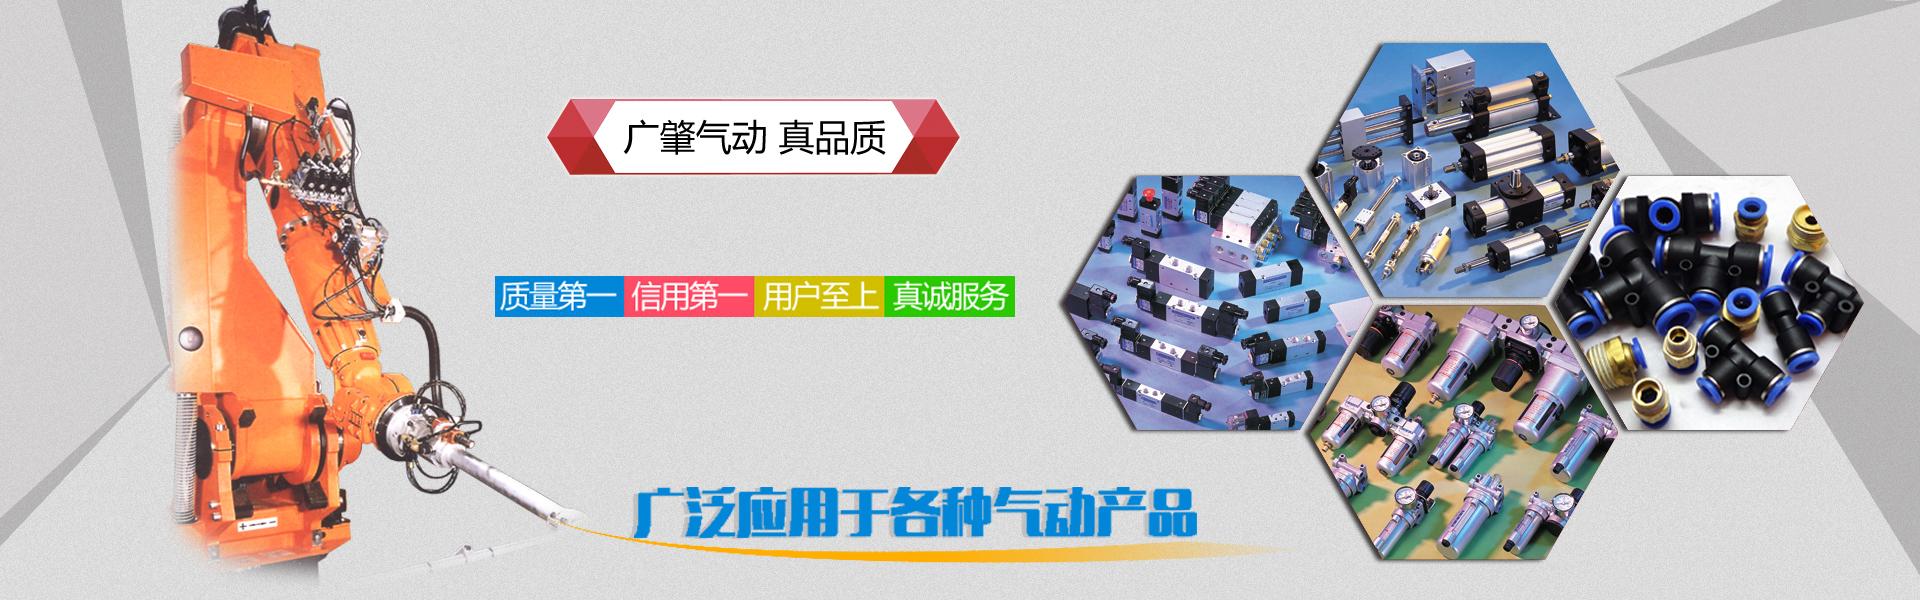 肇�c市�V肇重庆时时缩水在线�O�溆邢薰�司主�I肇�c��印��釉�件、�磁�y、三��w等�a品、�a品�徜N全��各地。